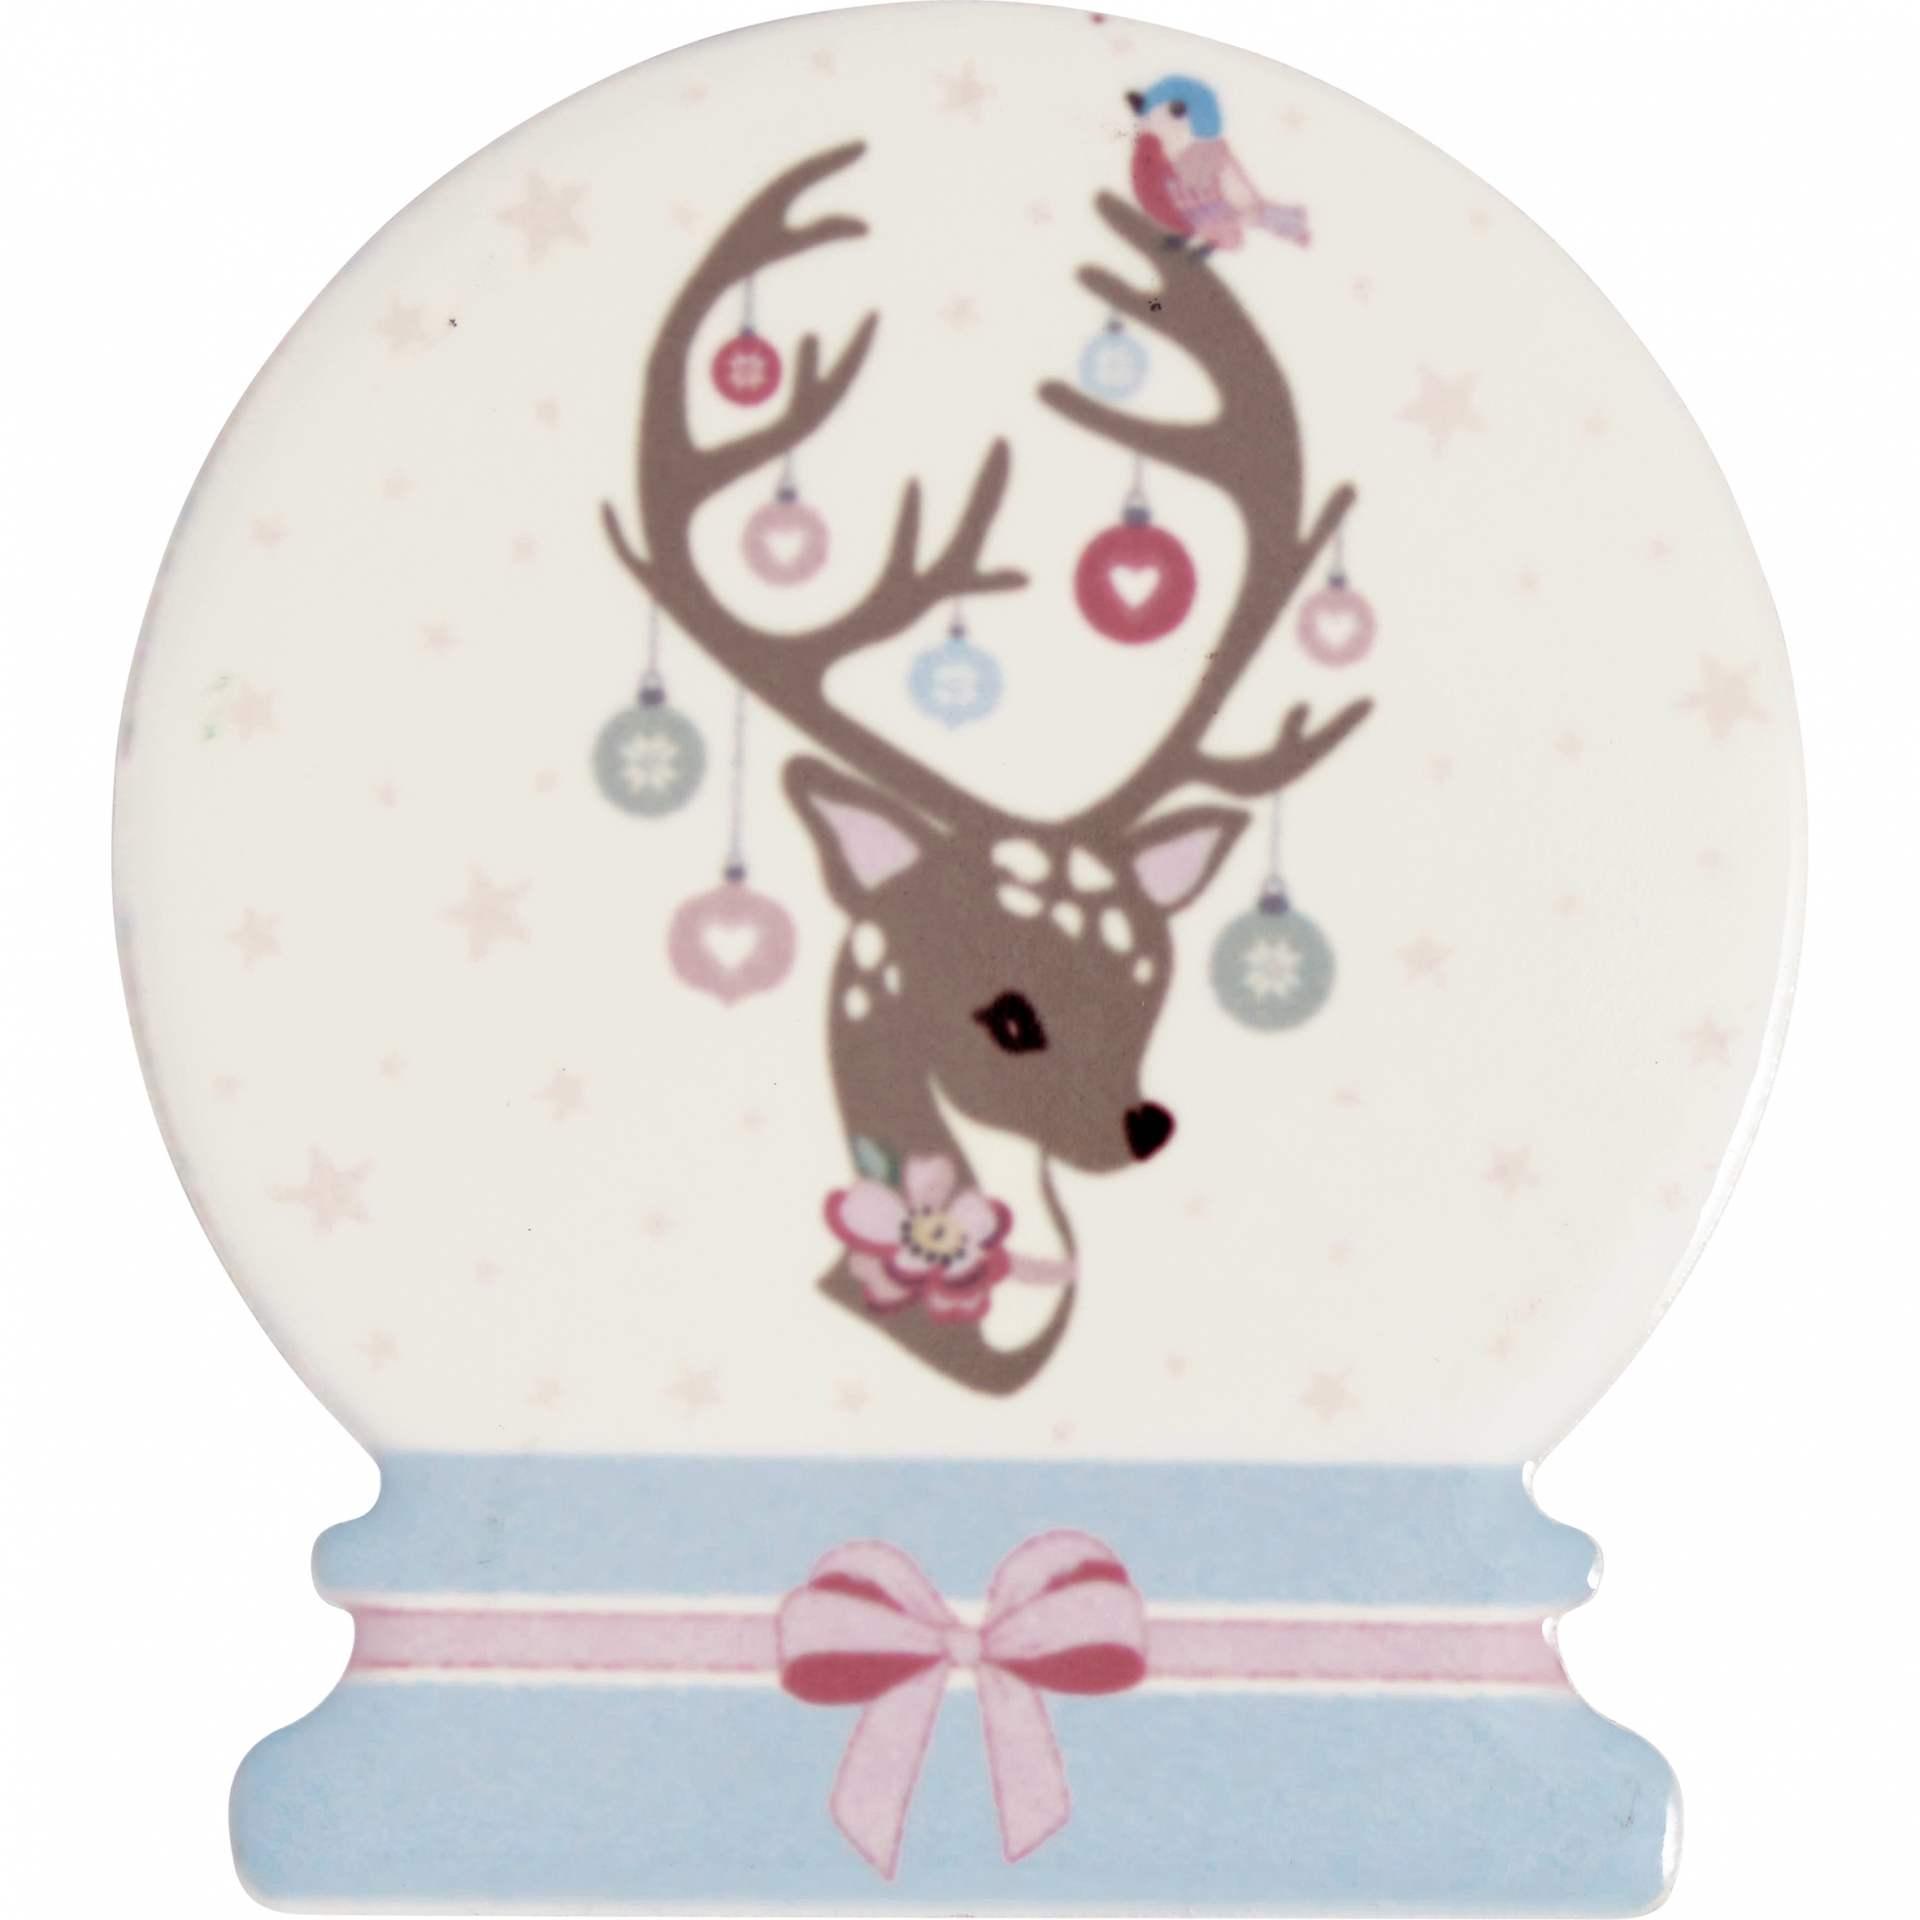 GREEN GATE Keramický magnet Dina Pale Pink - set 4 ks, růžová barva, modrá barva, porcelán